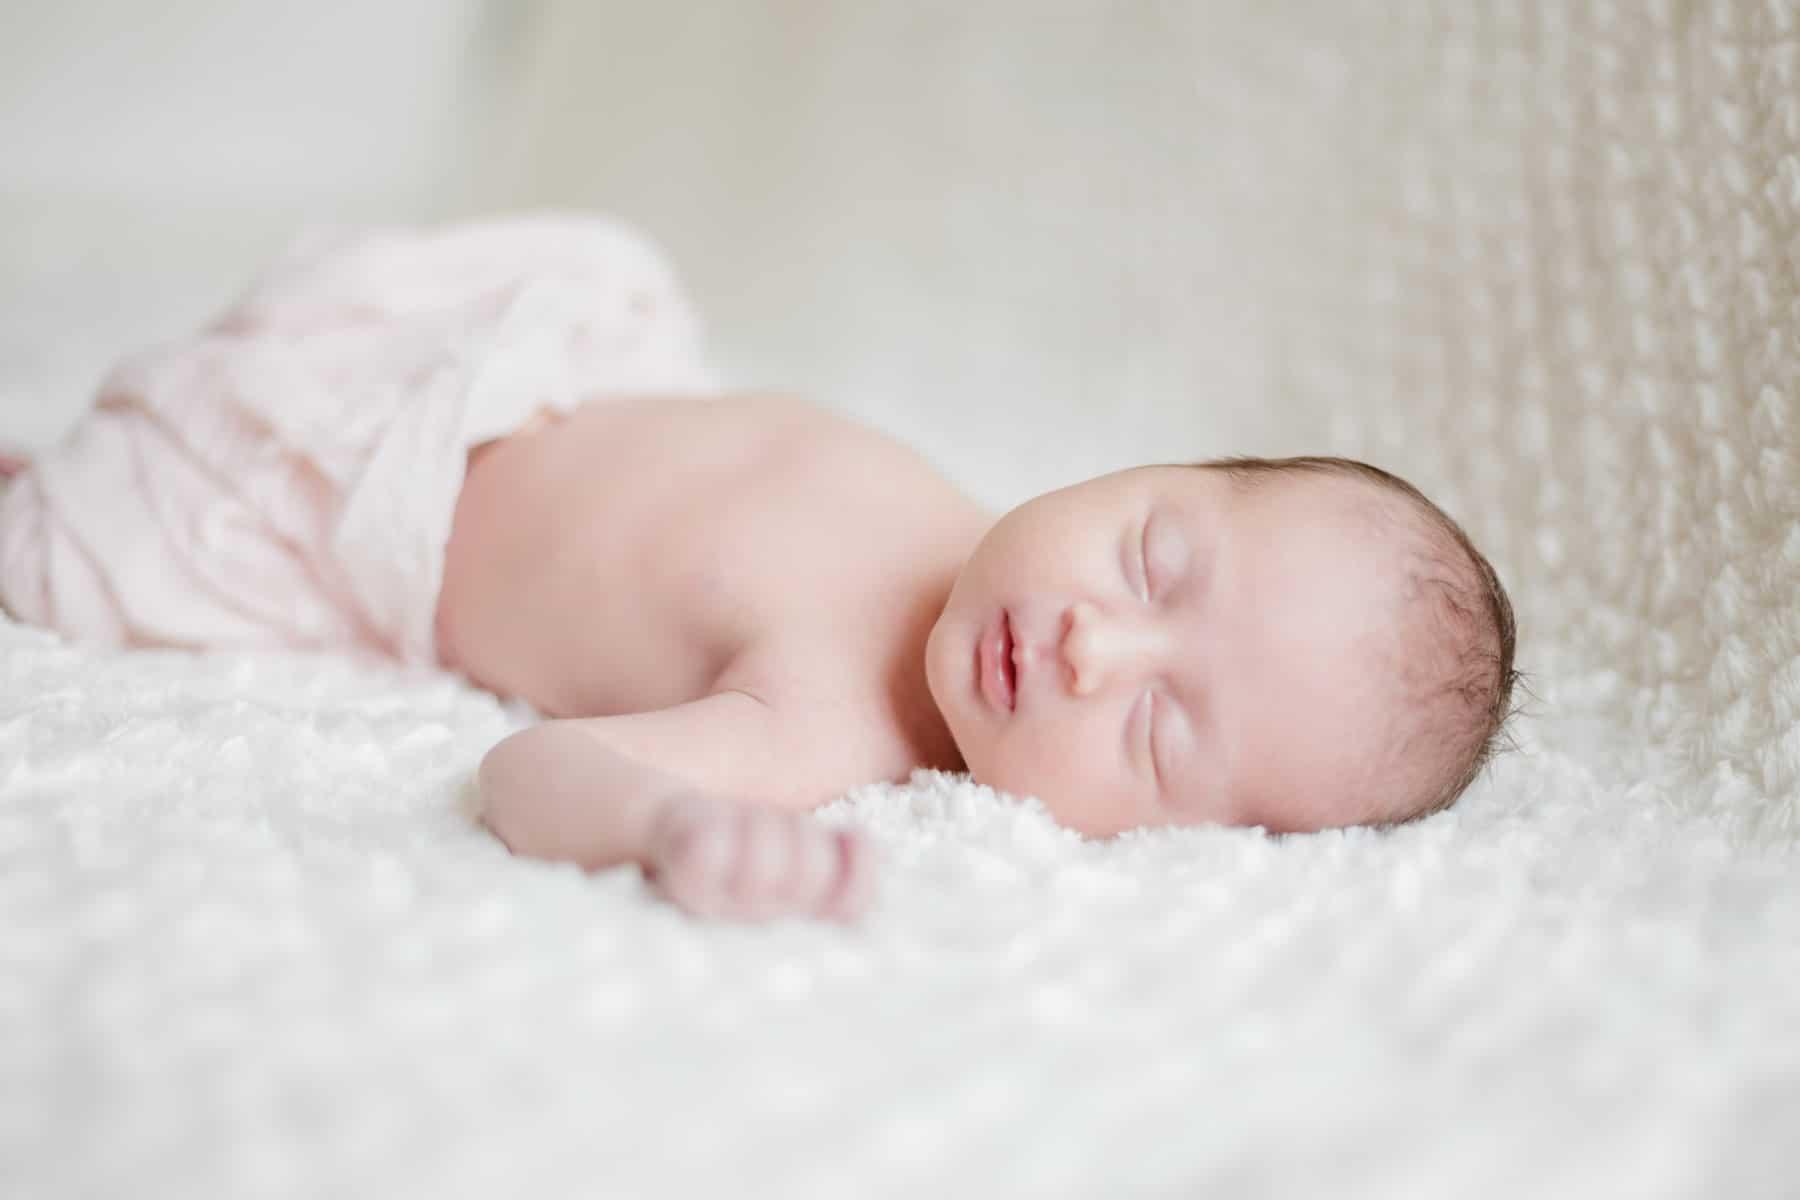 photographe bébé nouveau-né maternité bordeaux séance photo maison à domicile lifestyle fineart francais sarah miramon carla 03